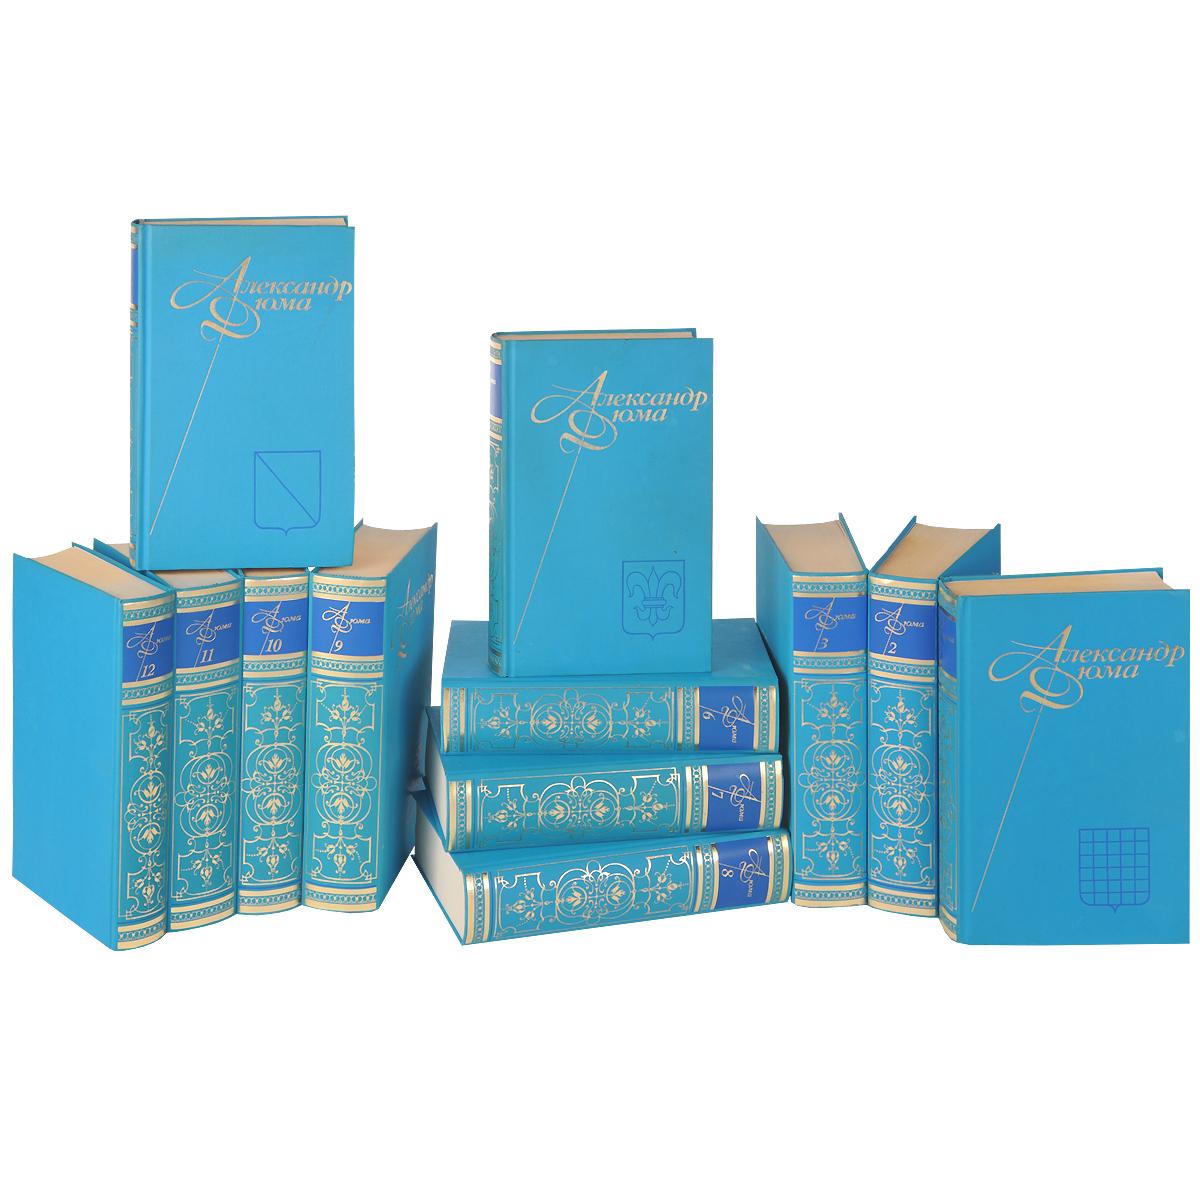 Александр Дюма. Собрание сочинений в 12 томах (комплект из 12 книг)